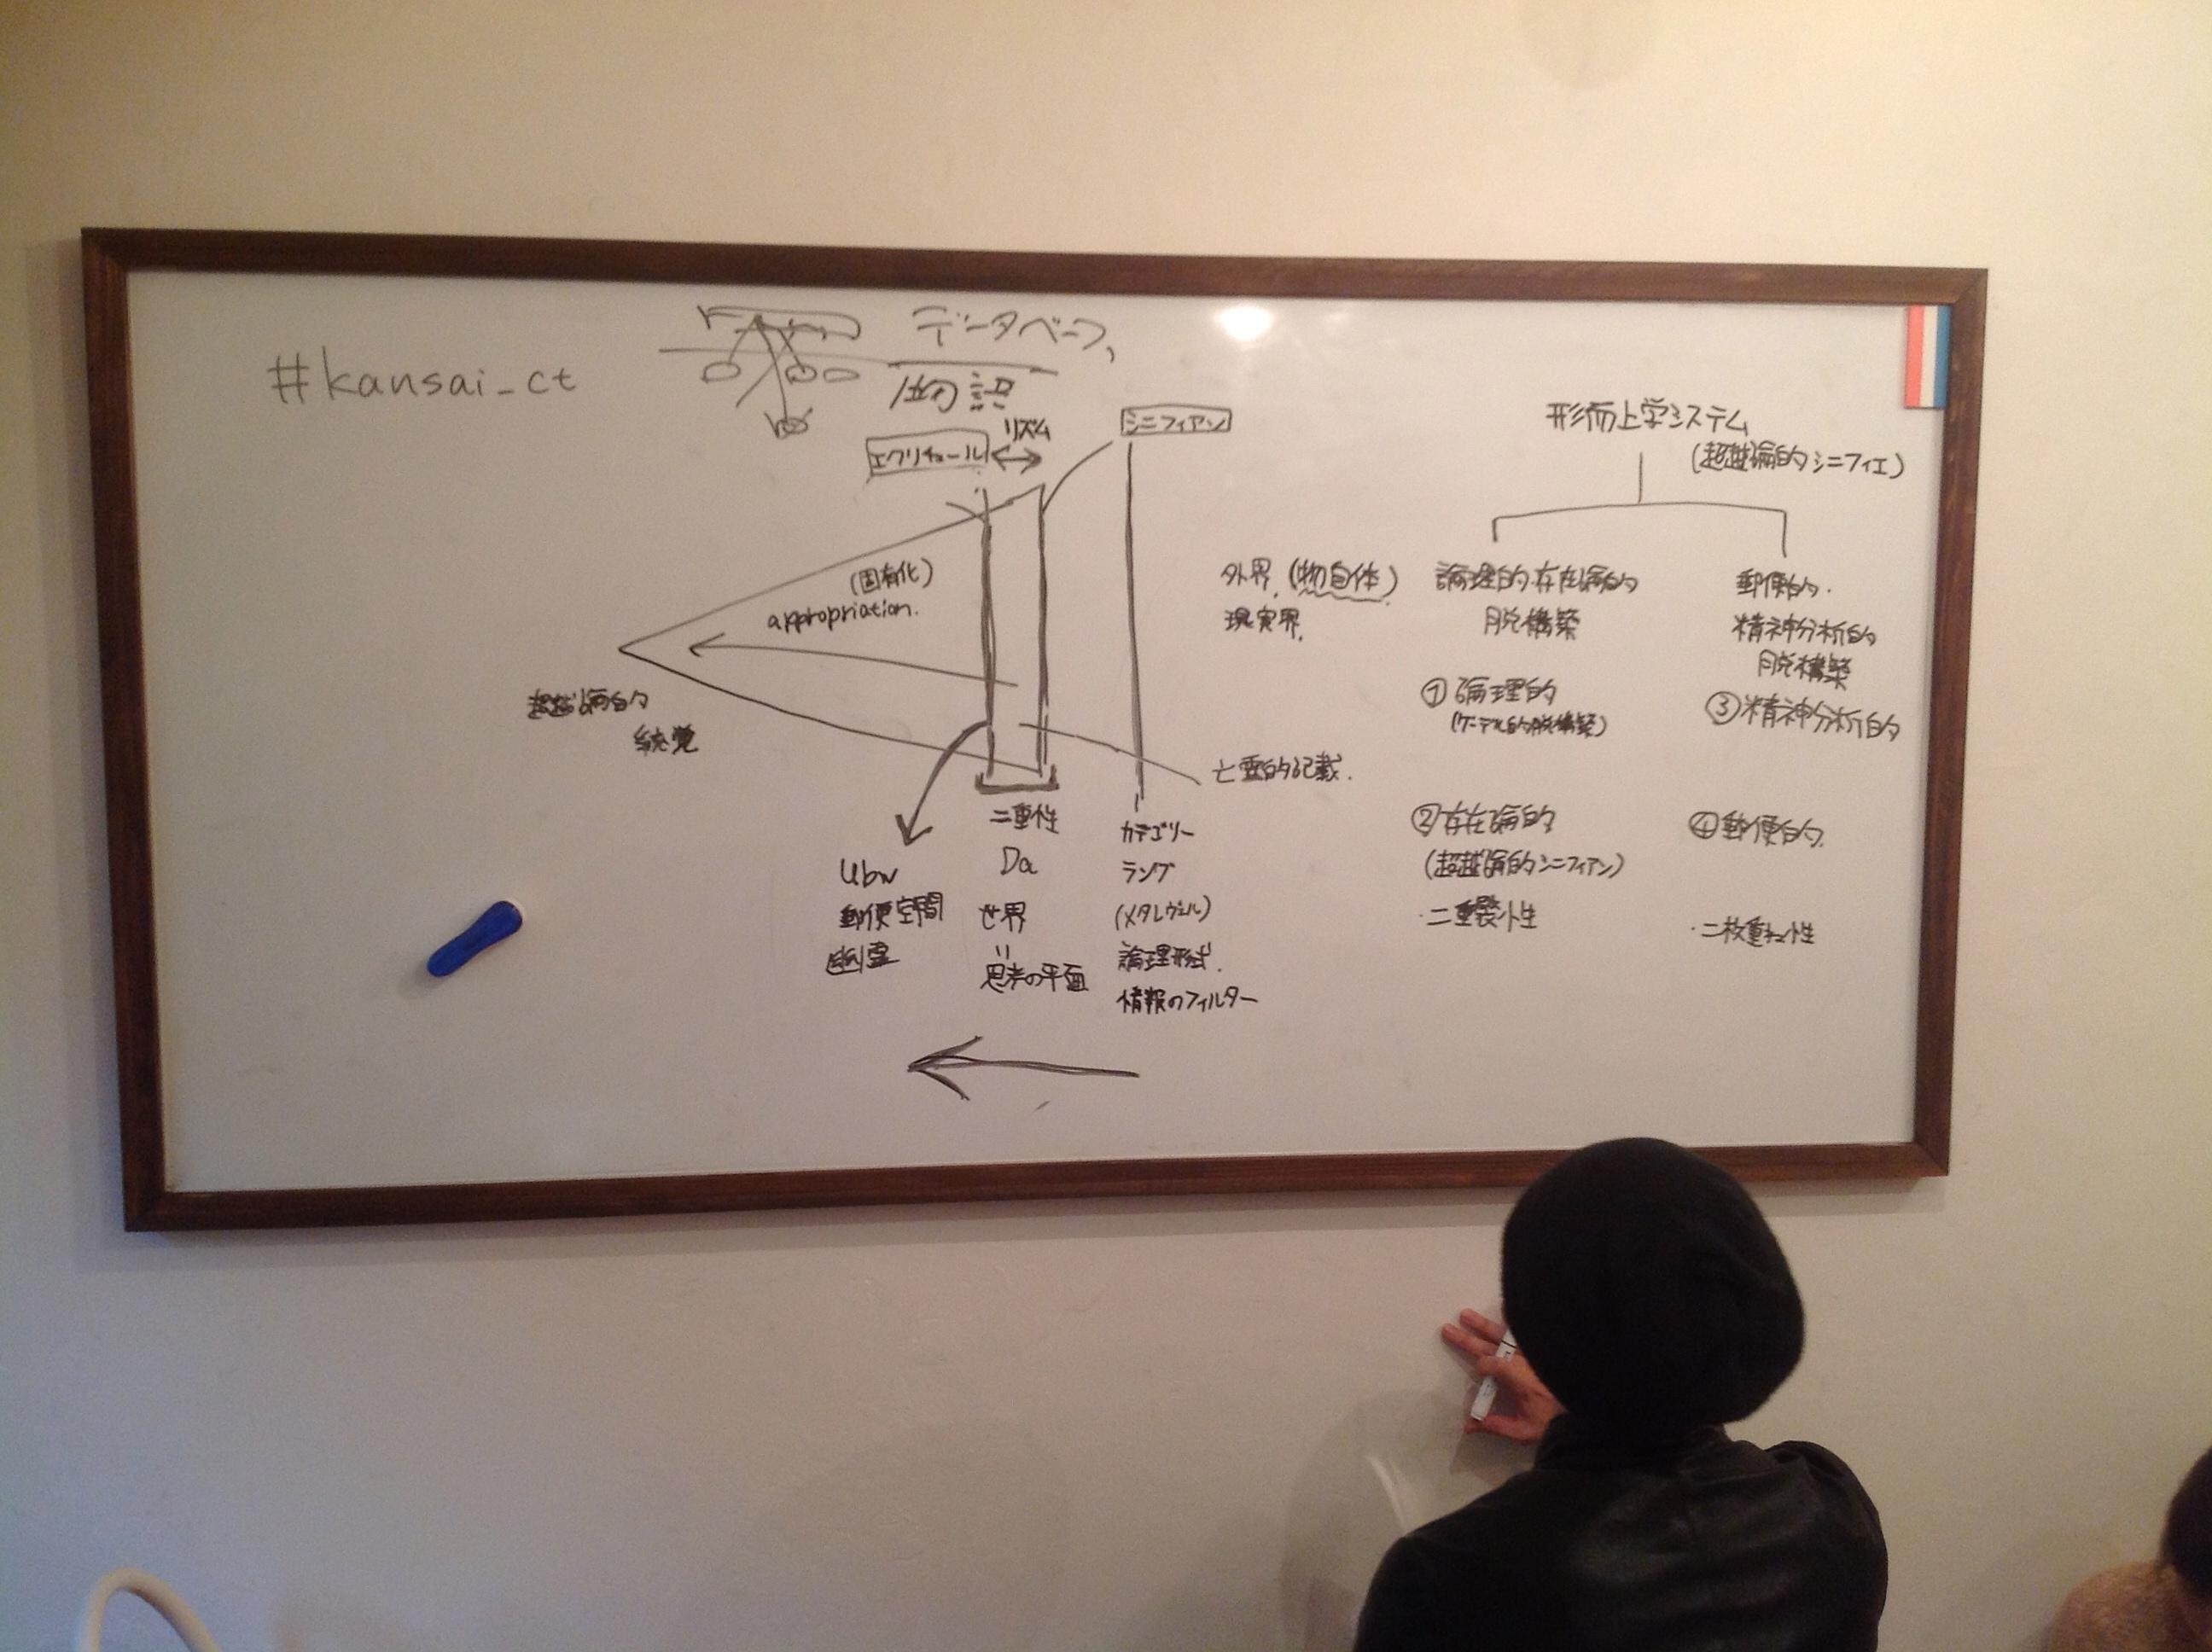 マジック・メモの図(p322)について議論している様子